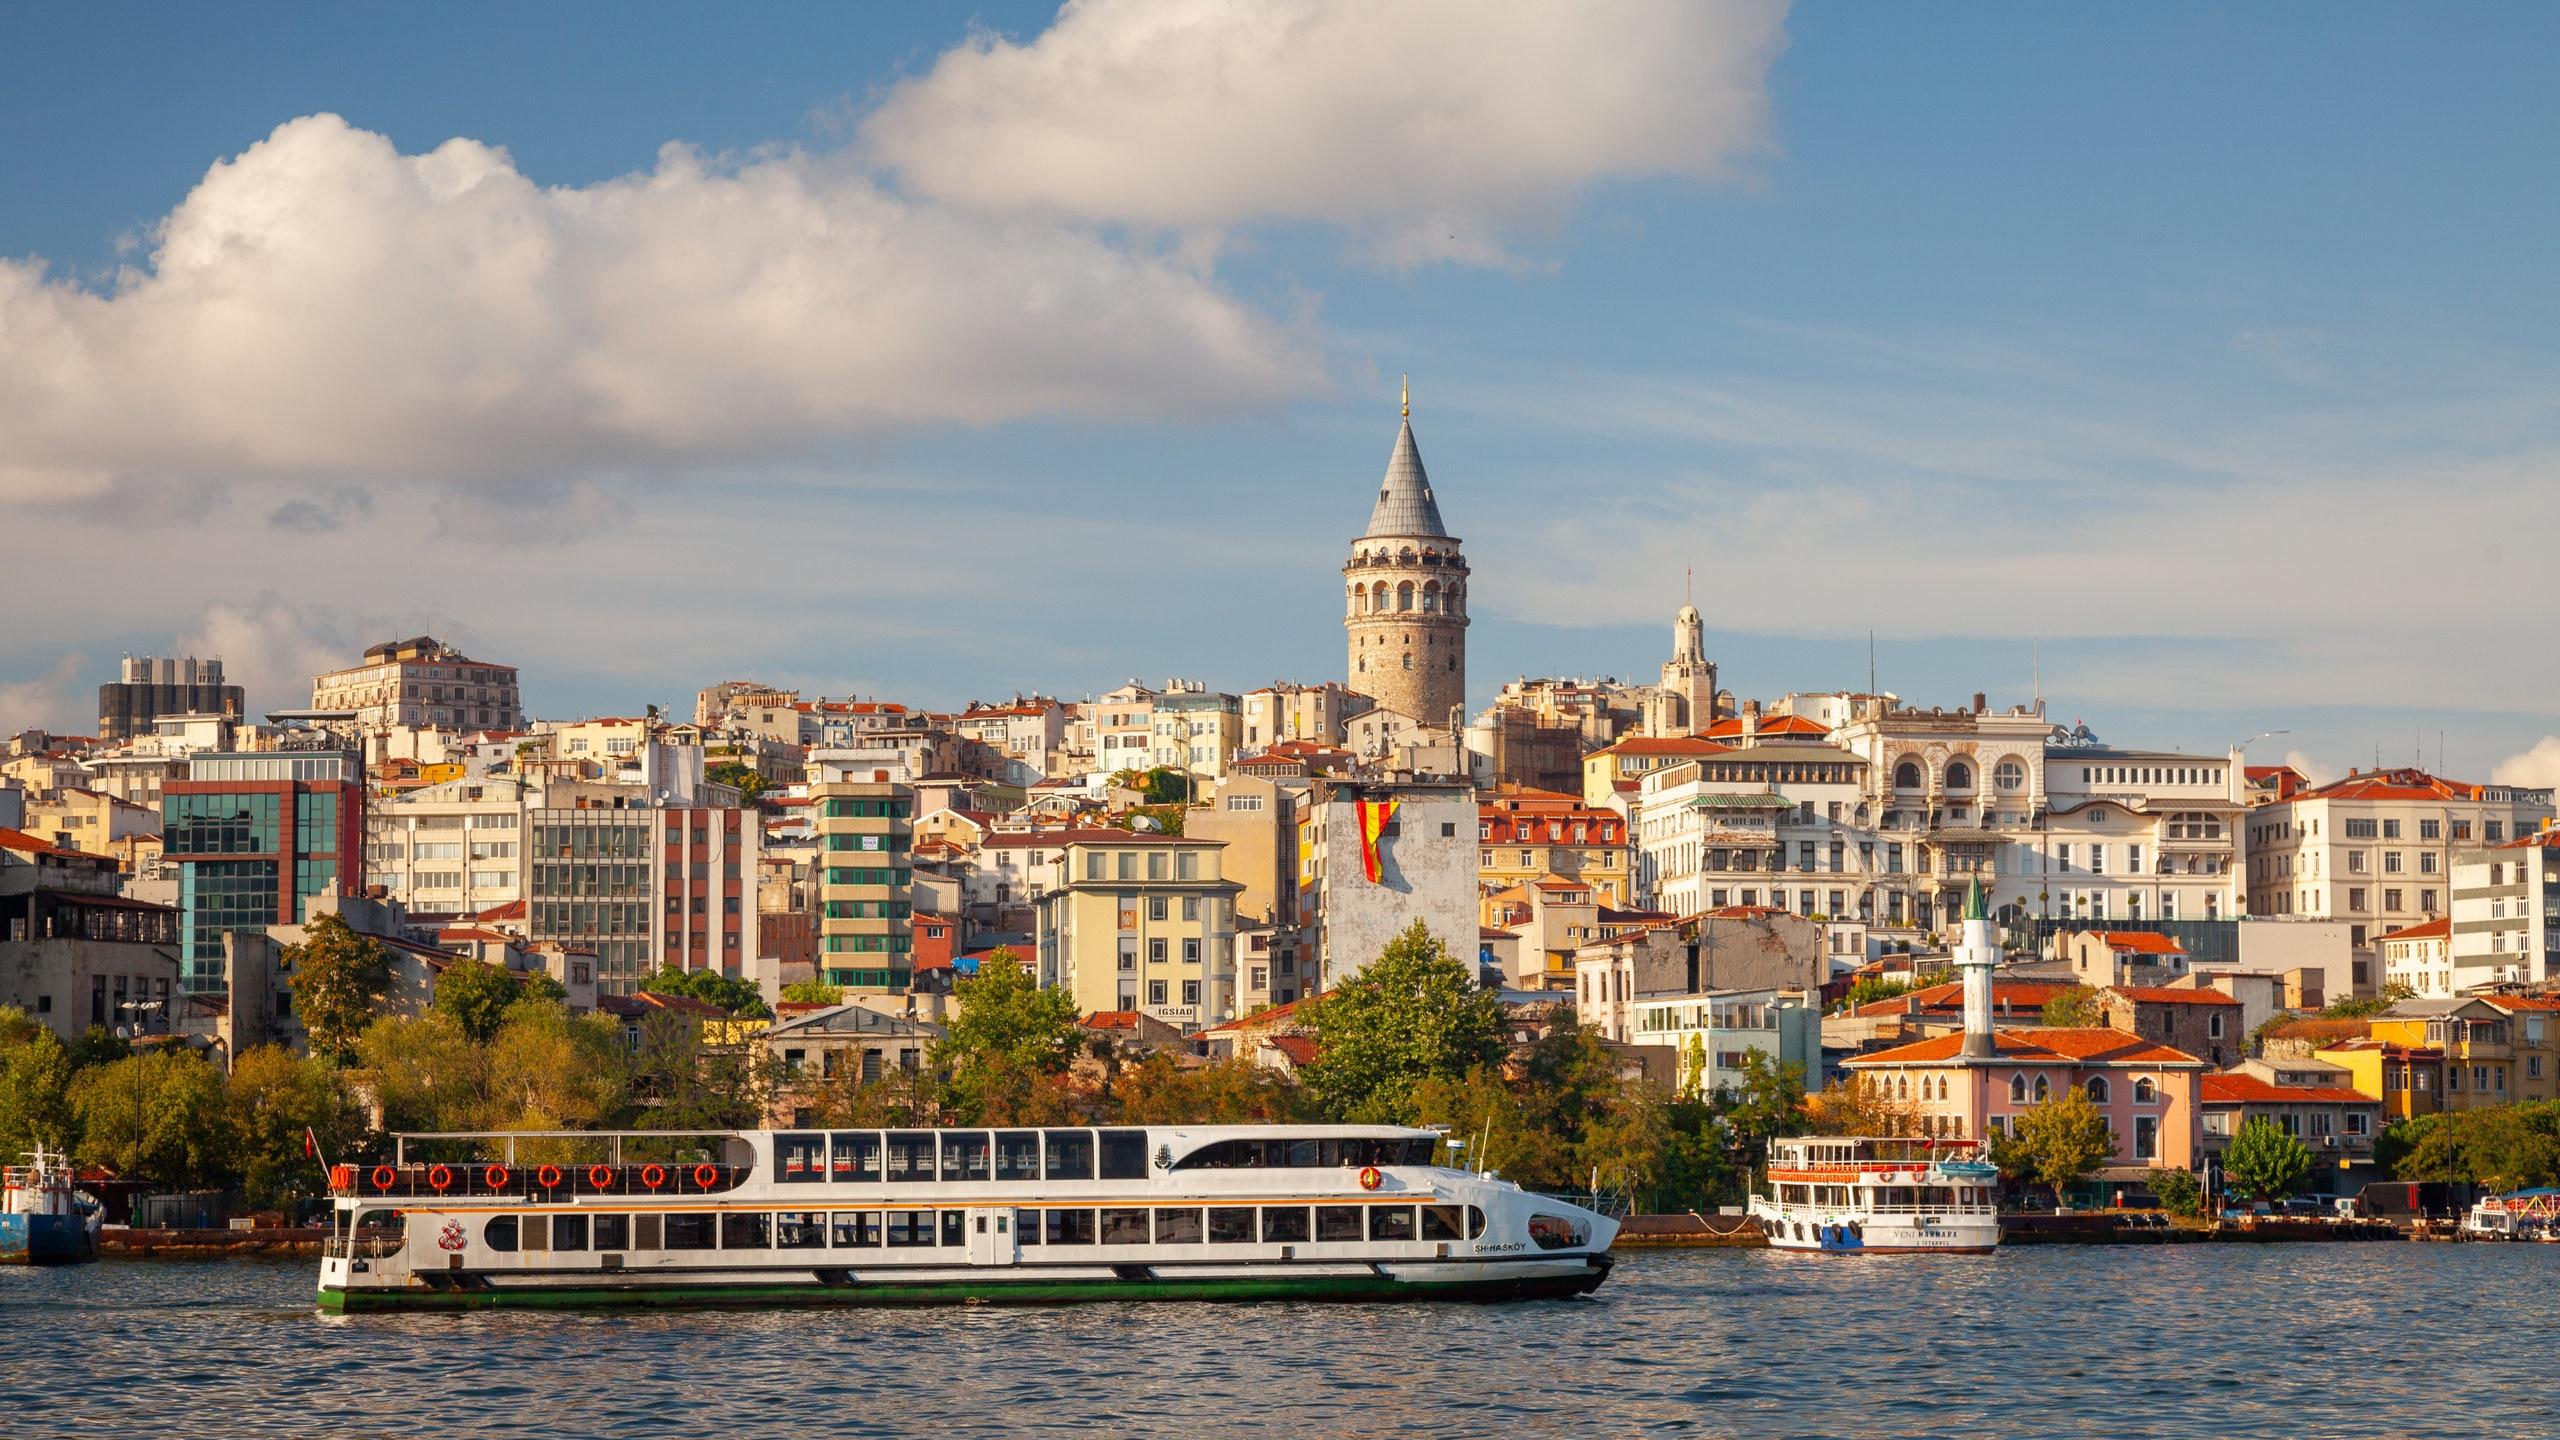 Este ponto de observação da Idade Média tem vista panorâmica do distrito histórico de Istambul e do Corno de Ouro.